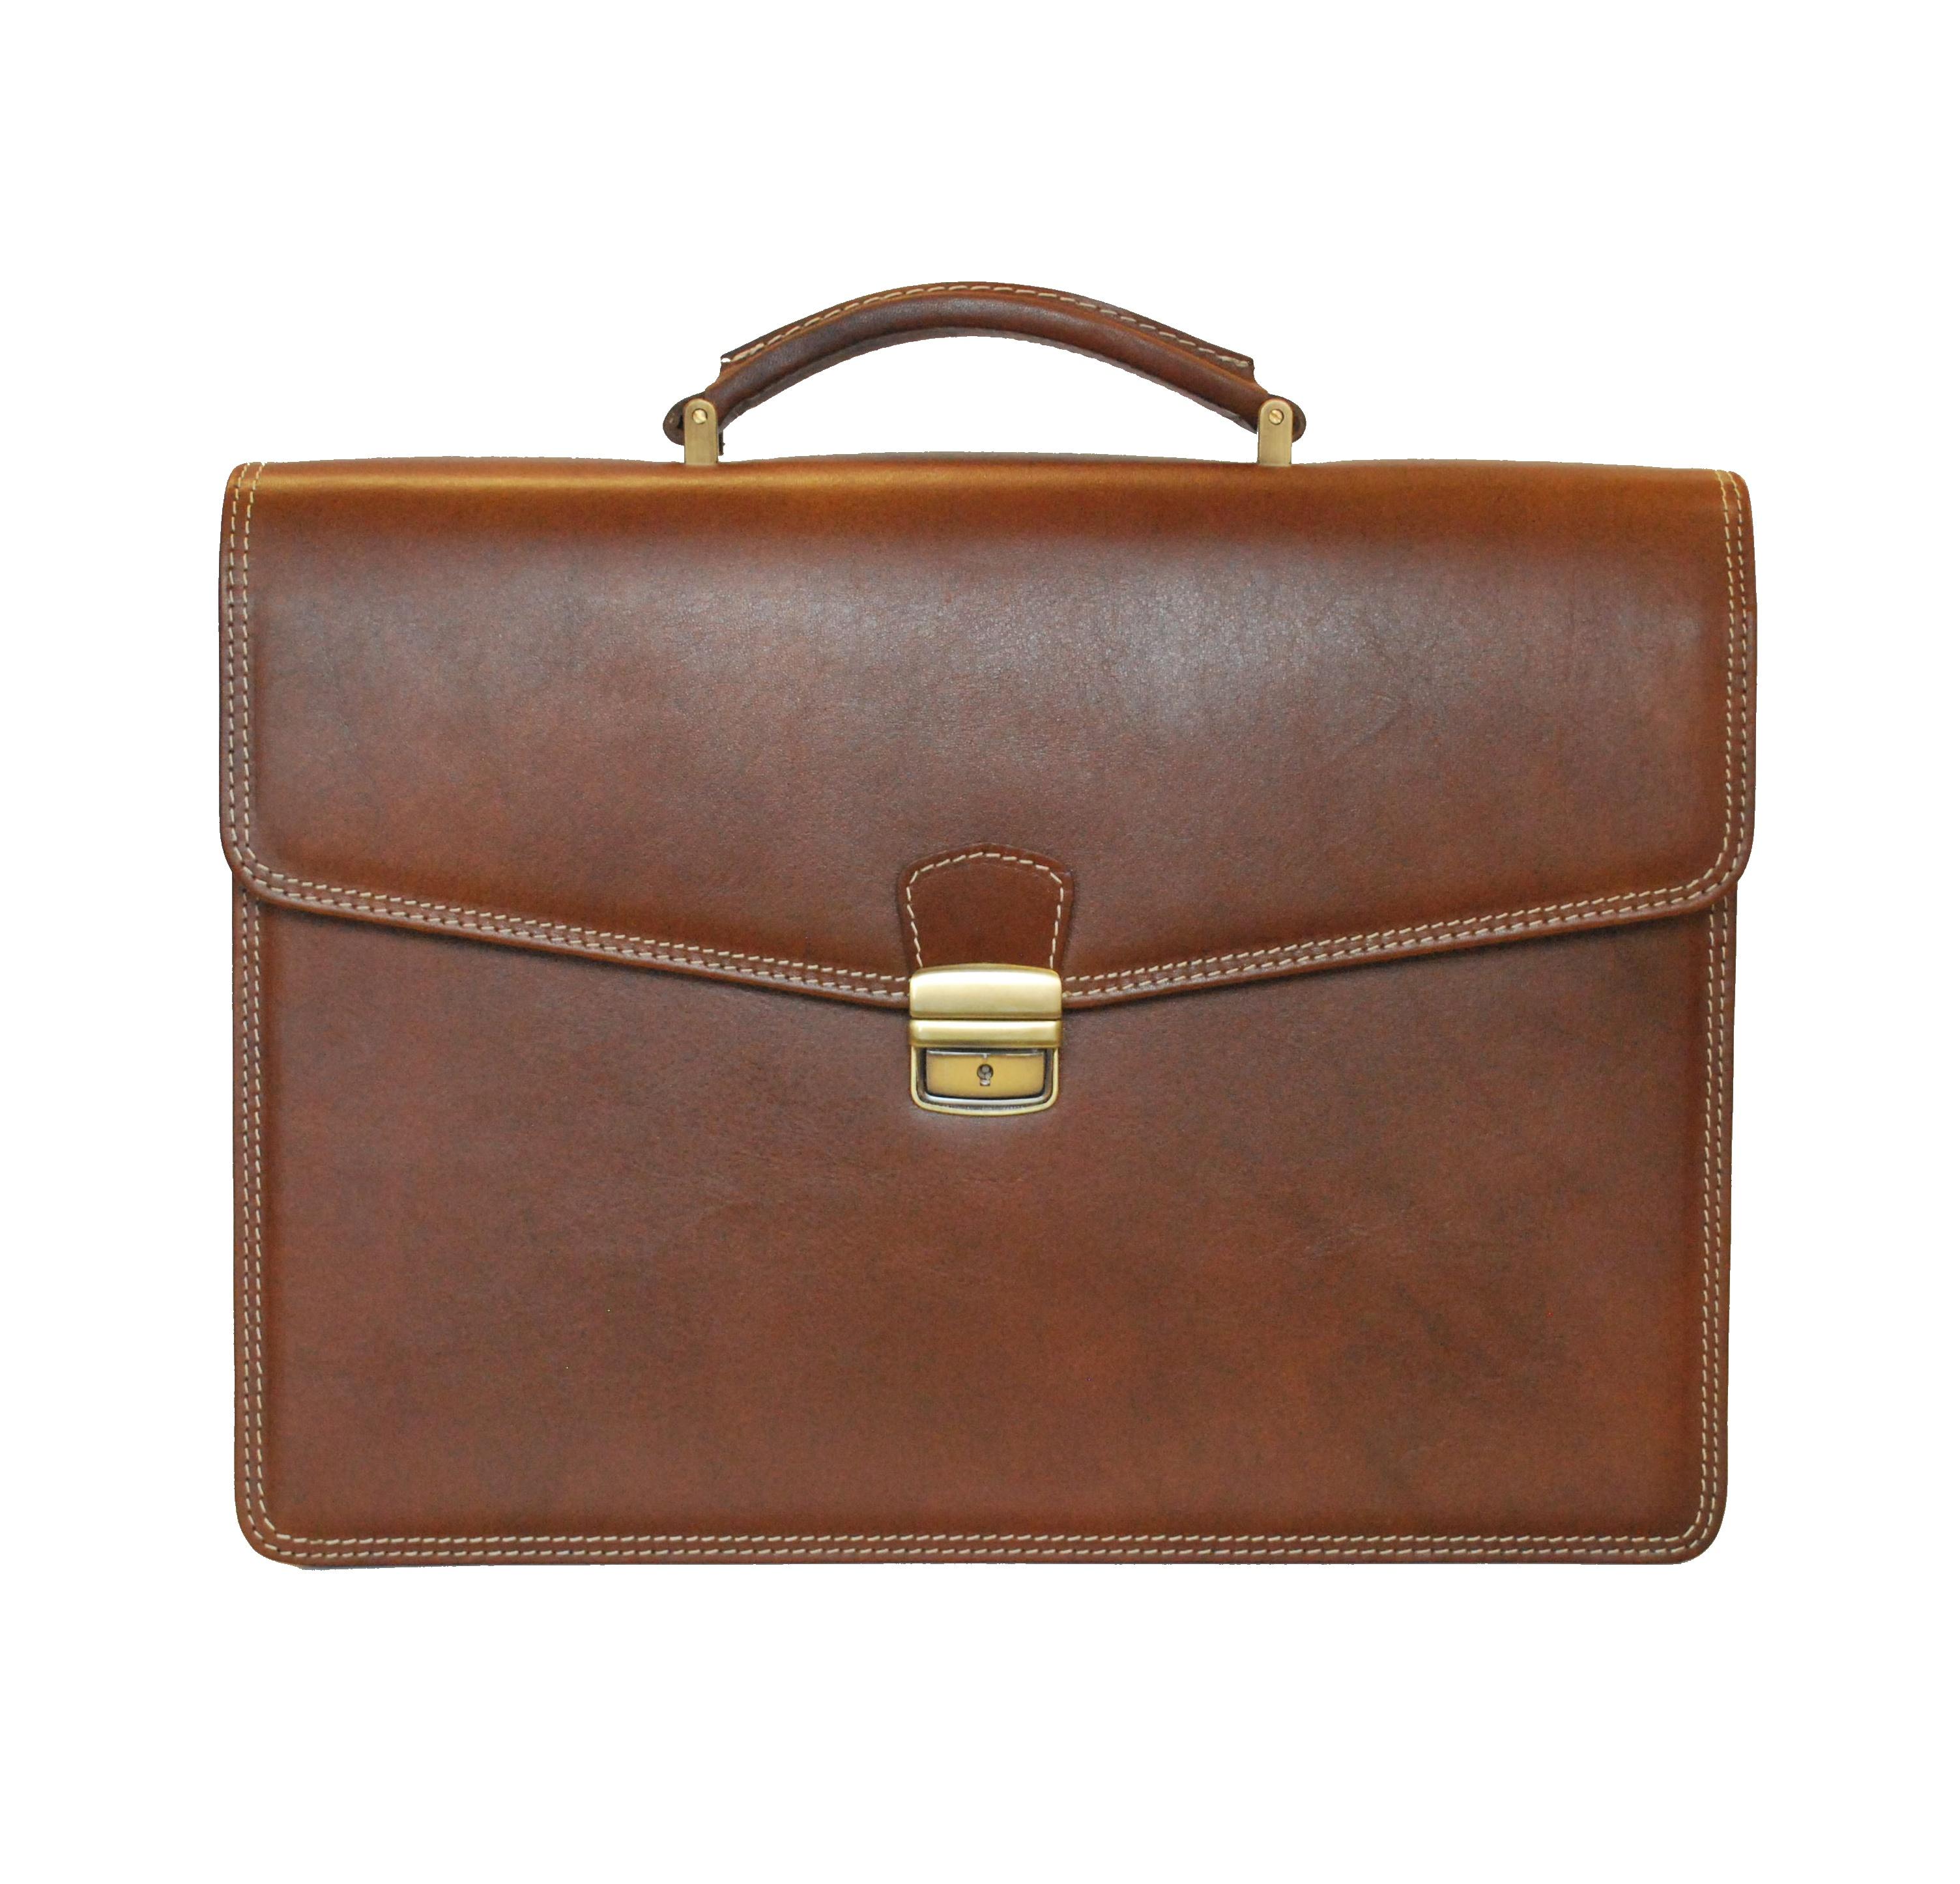 96a2d85f0e Luxusná kožená aktovka z pravej kože v hnedej farbe č.8129 · Luxusné ...